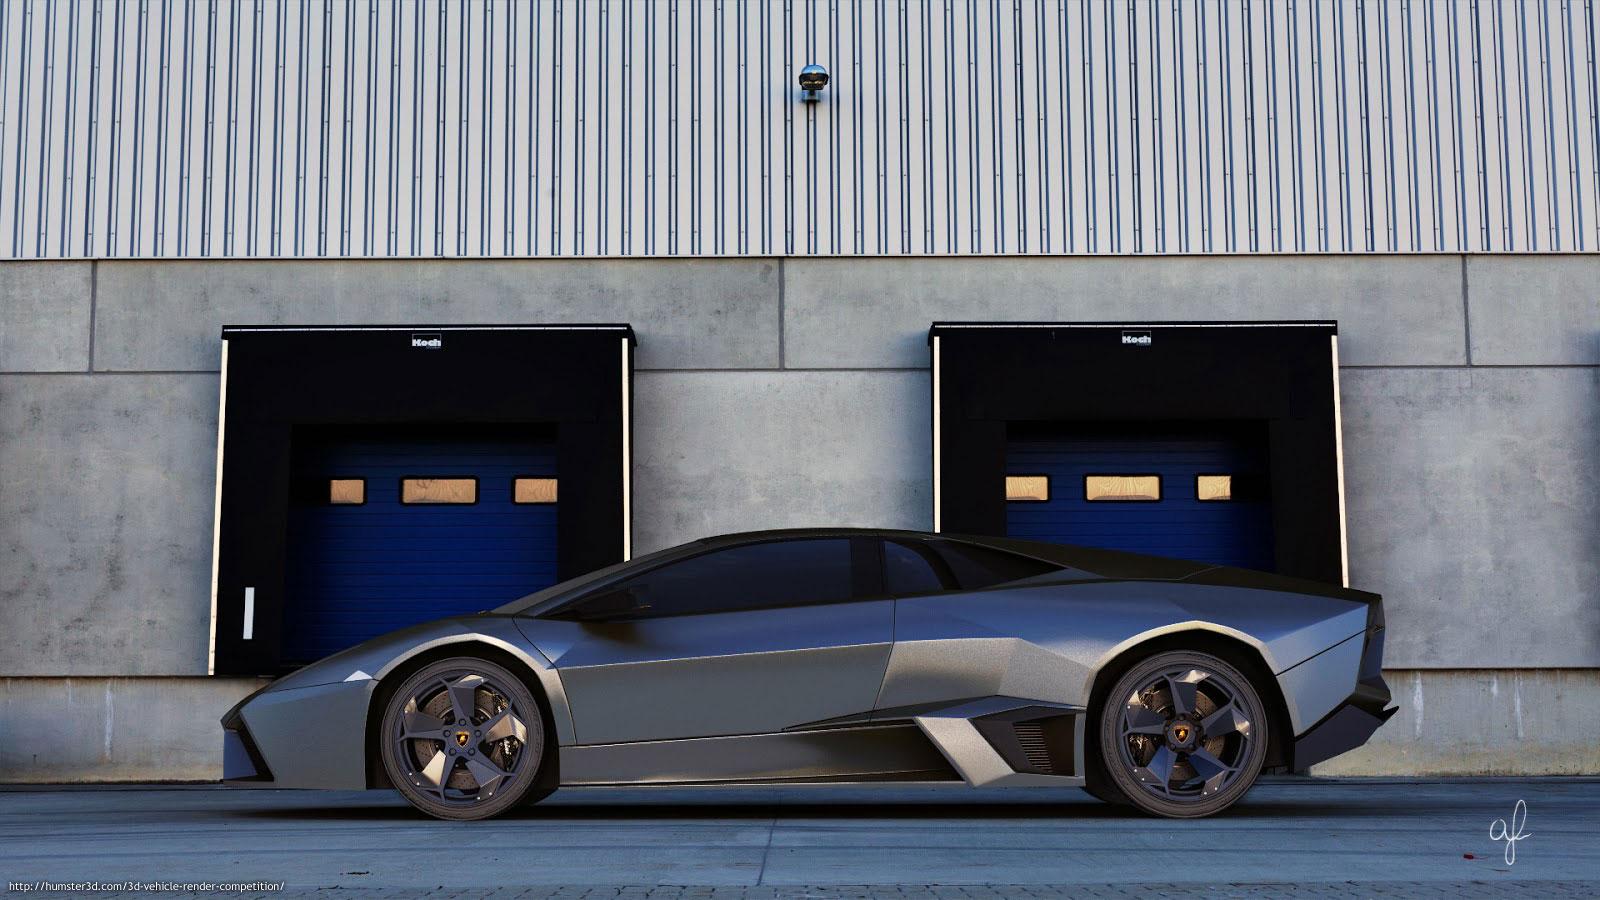 The Lamborghini Reventon 3d art